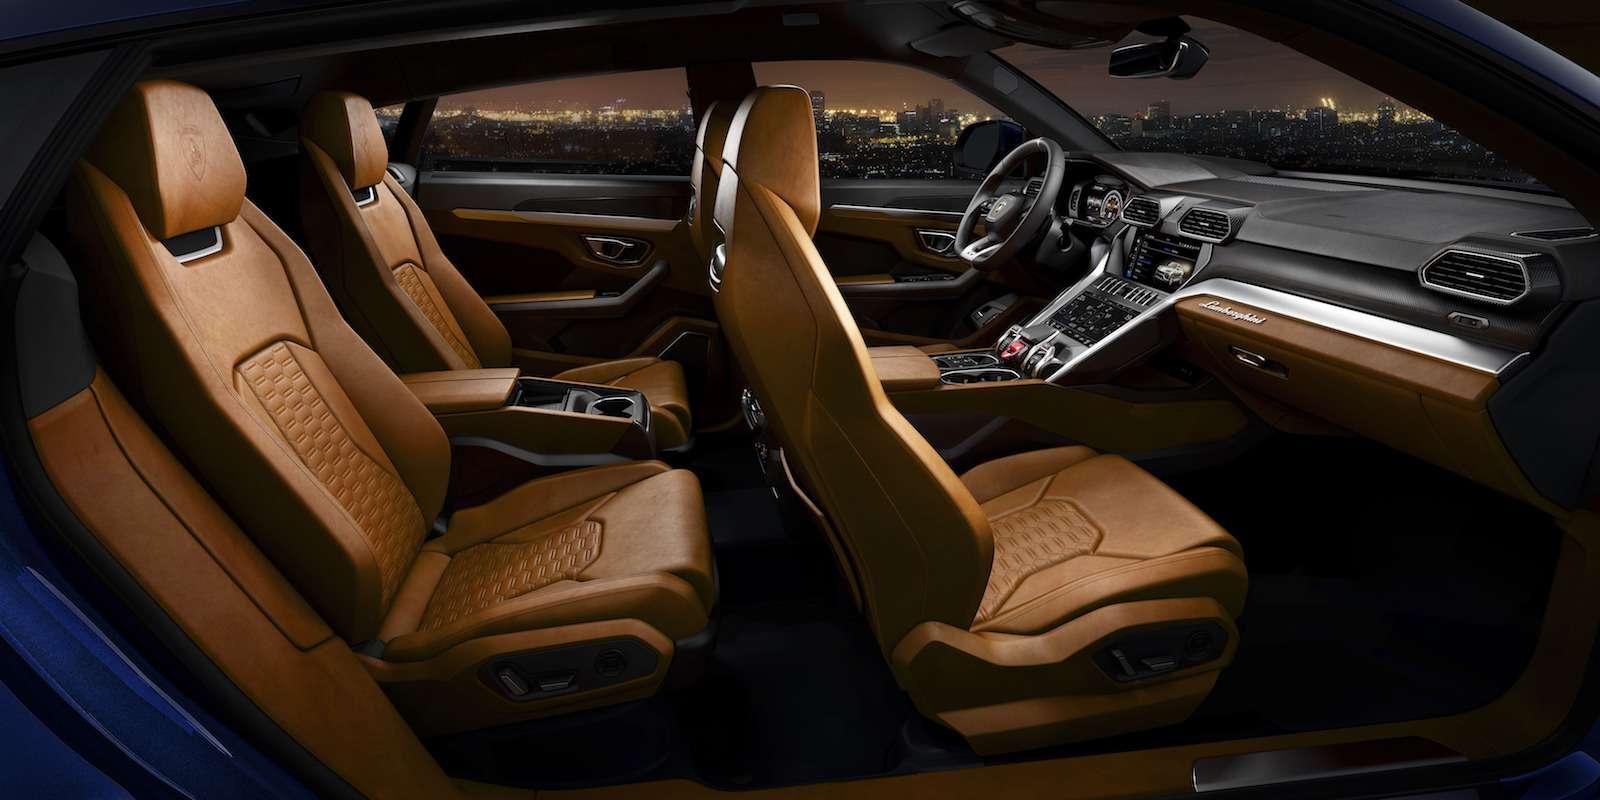 Lamborghini привезла вРоссию автомобиль, который небоится «лежачих полицейских»— фото 845500